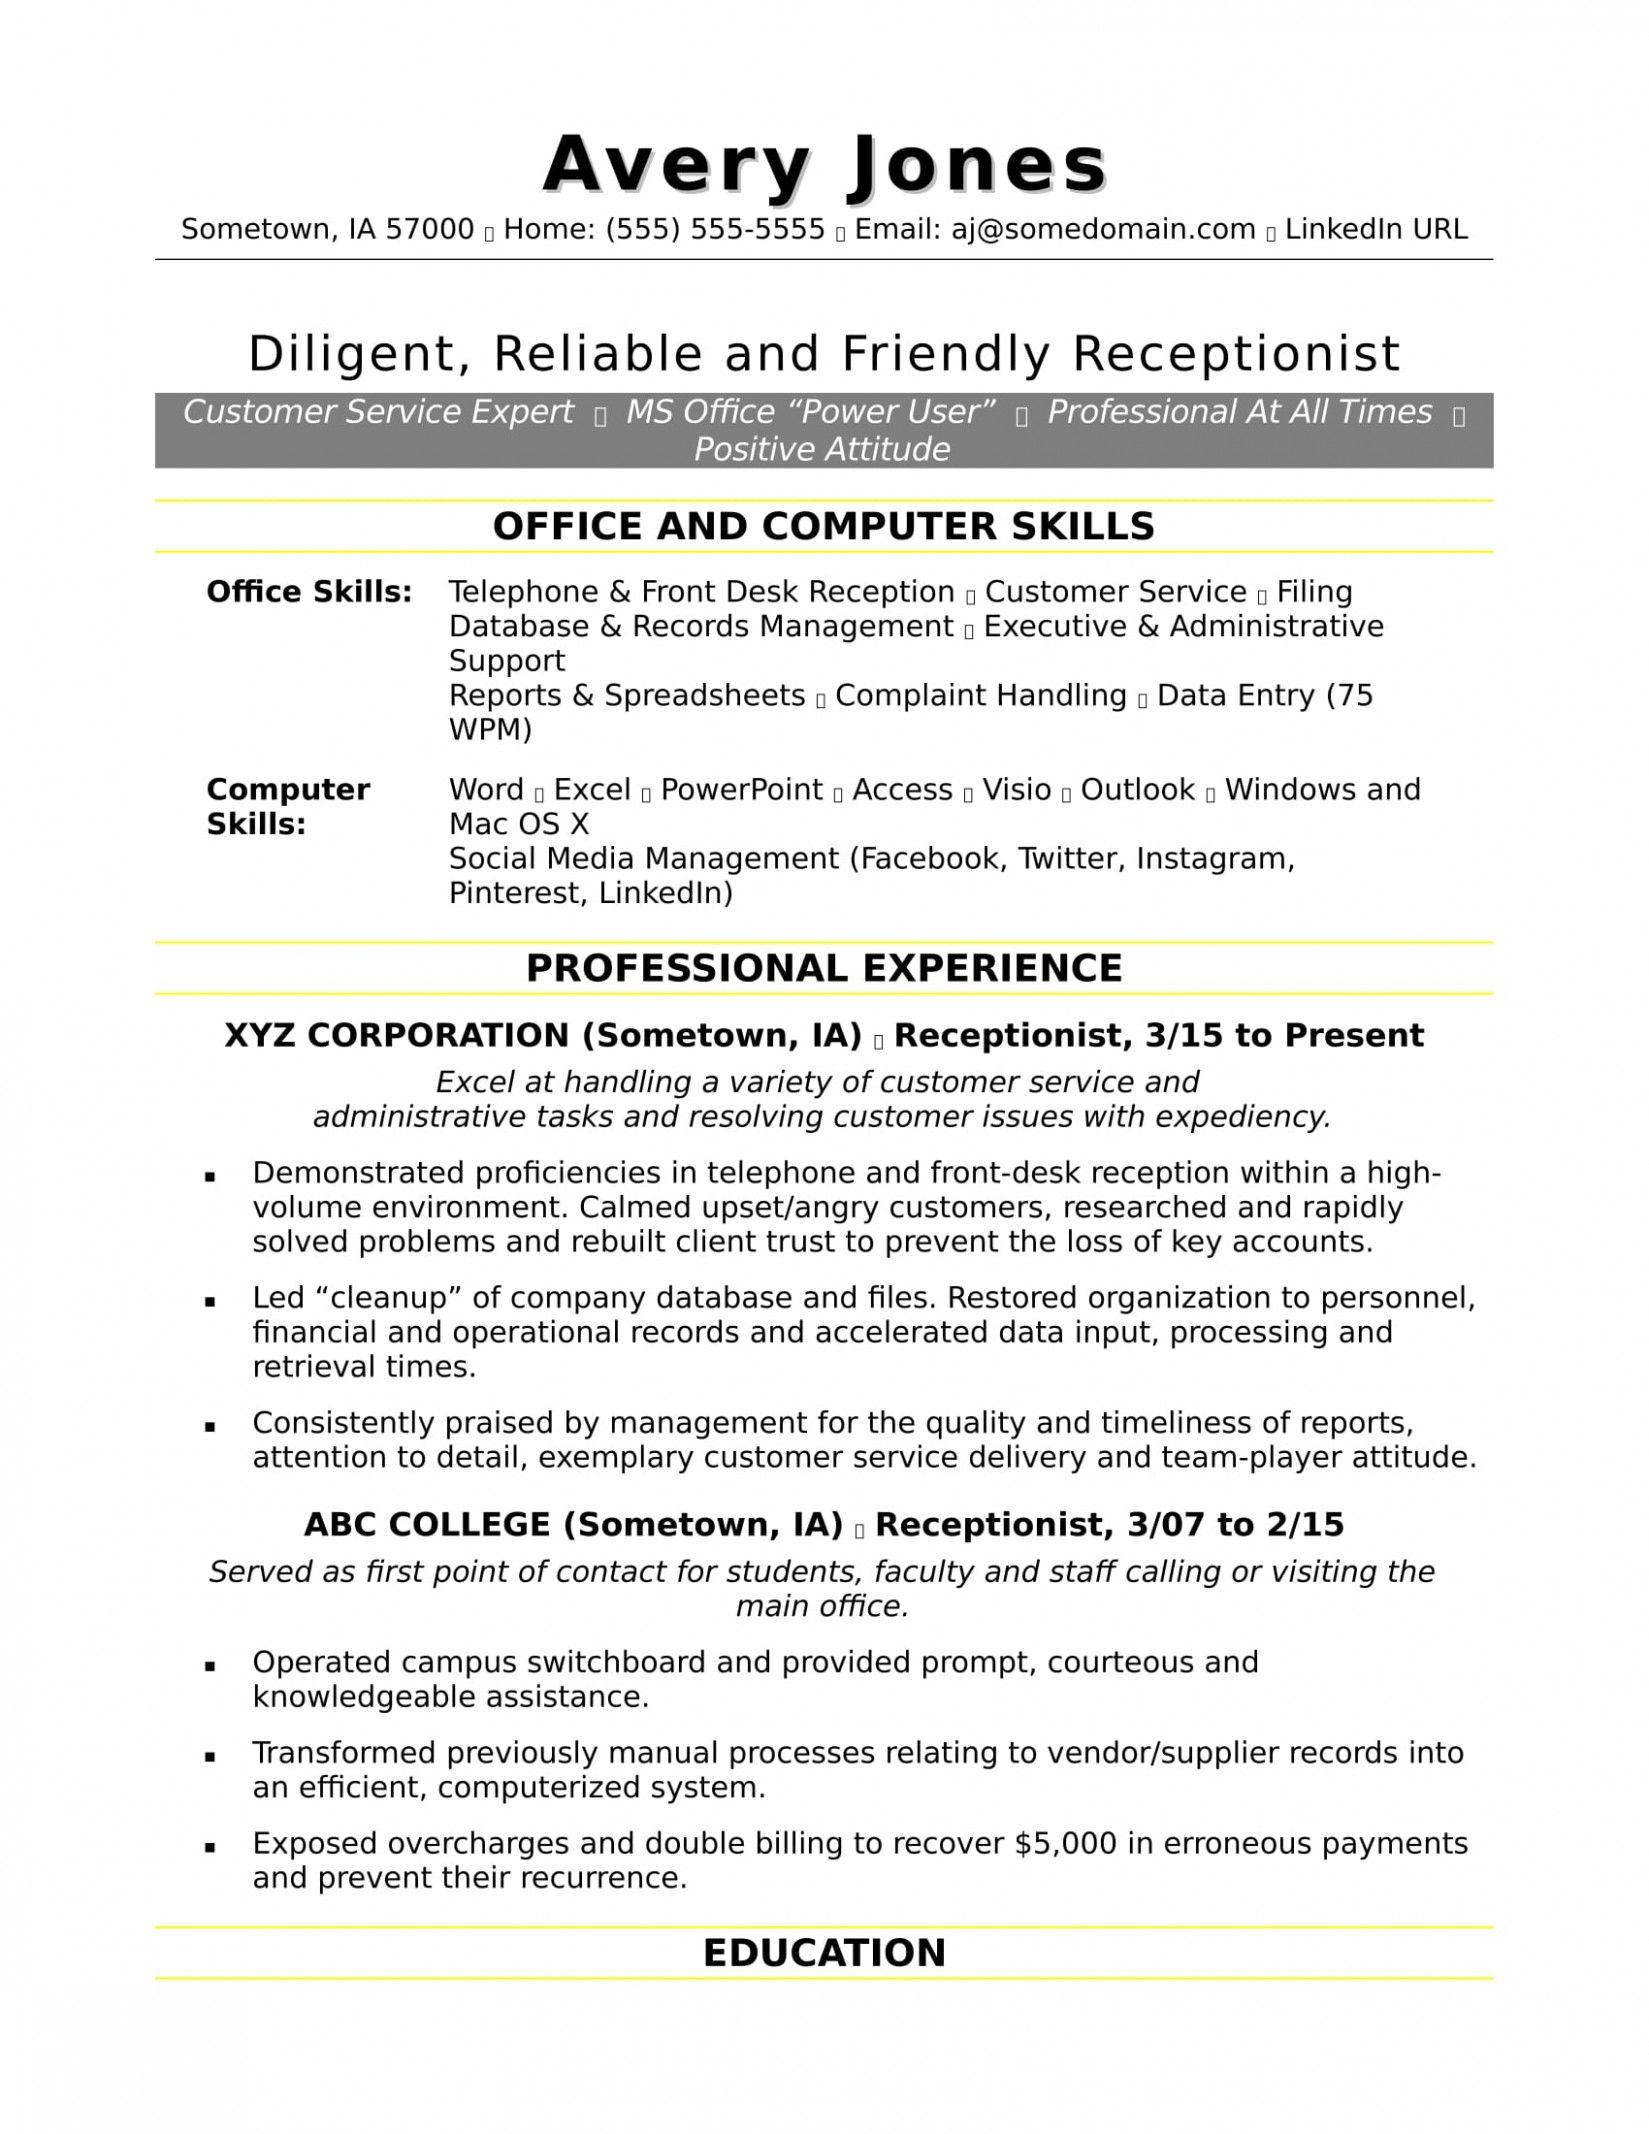 14 Basic Computer Skills Description For Resume 14 Basic